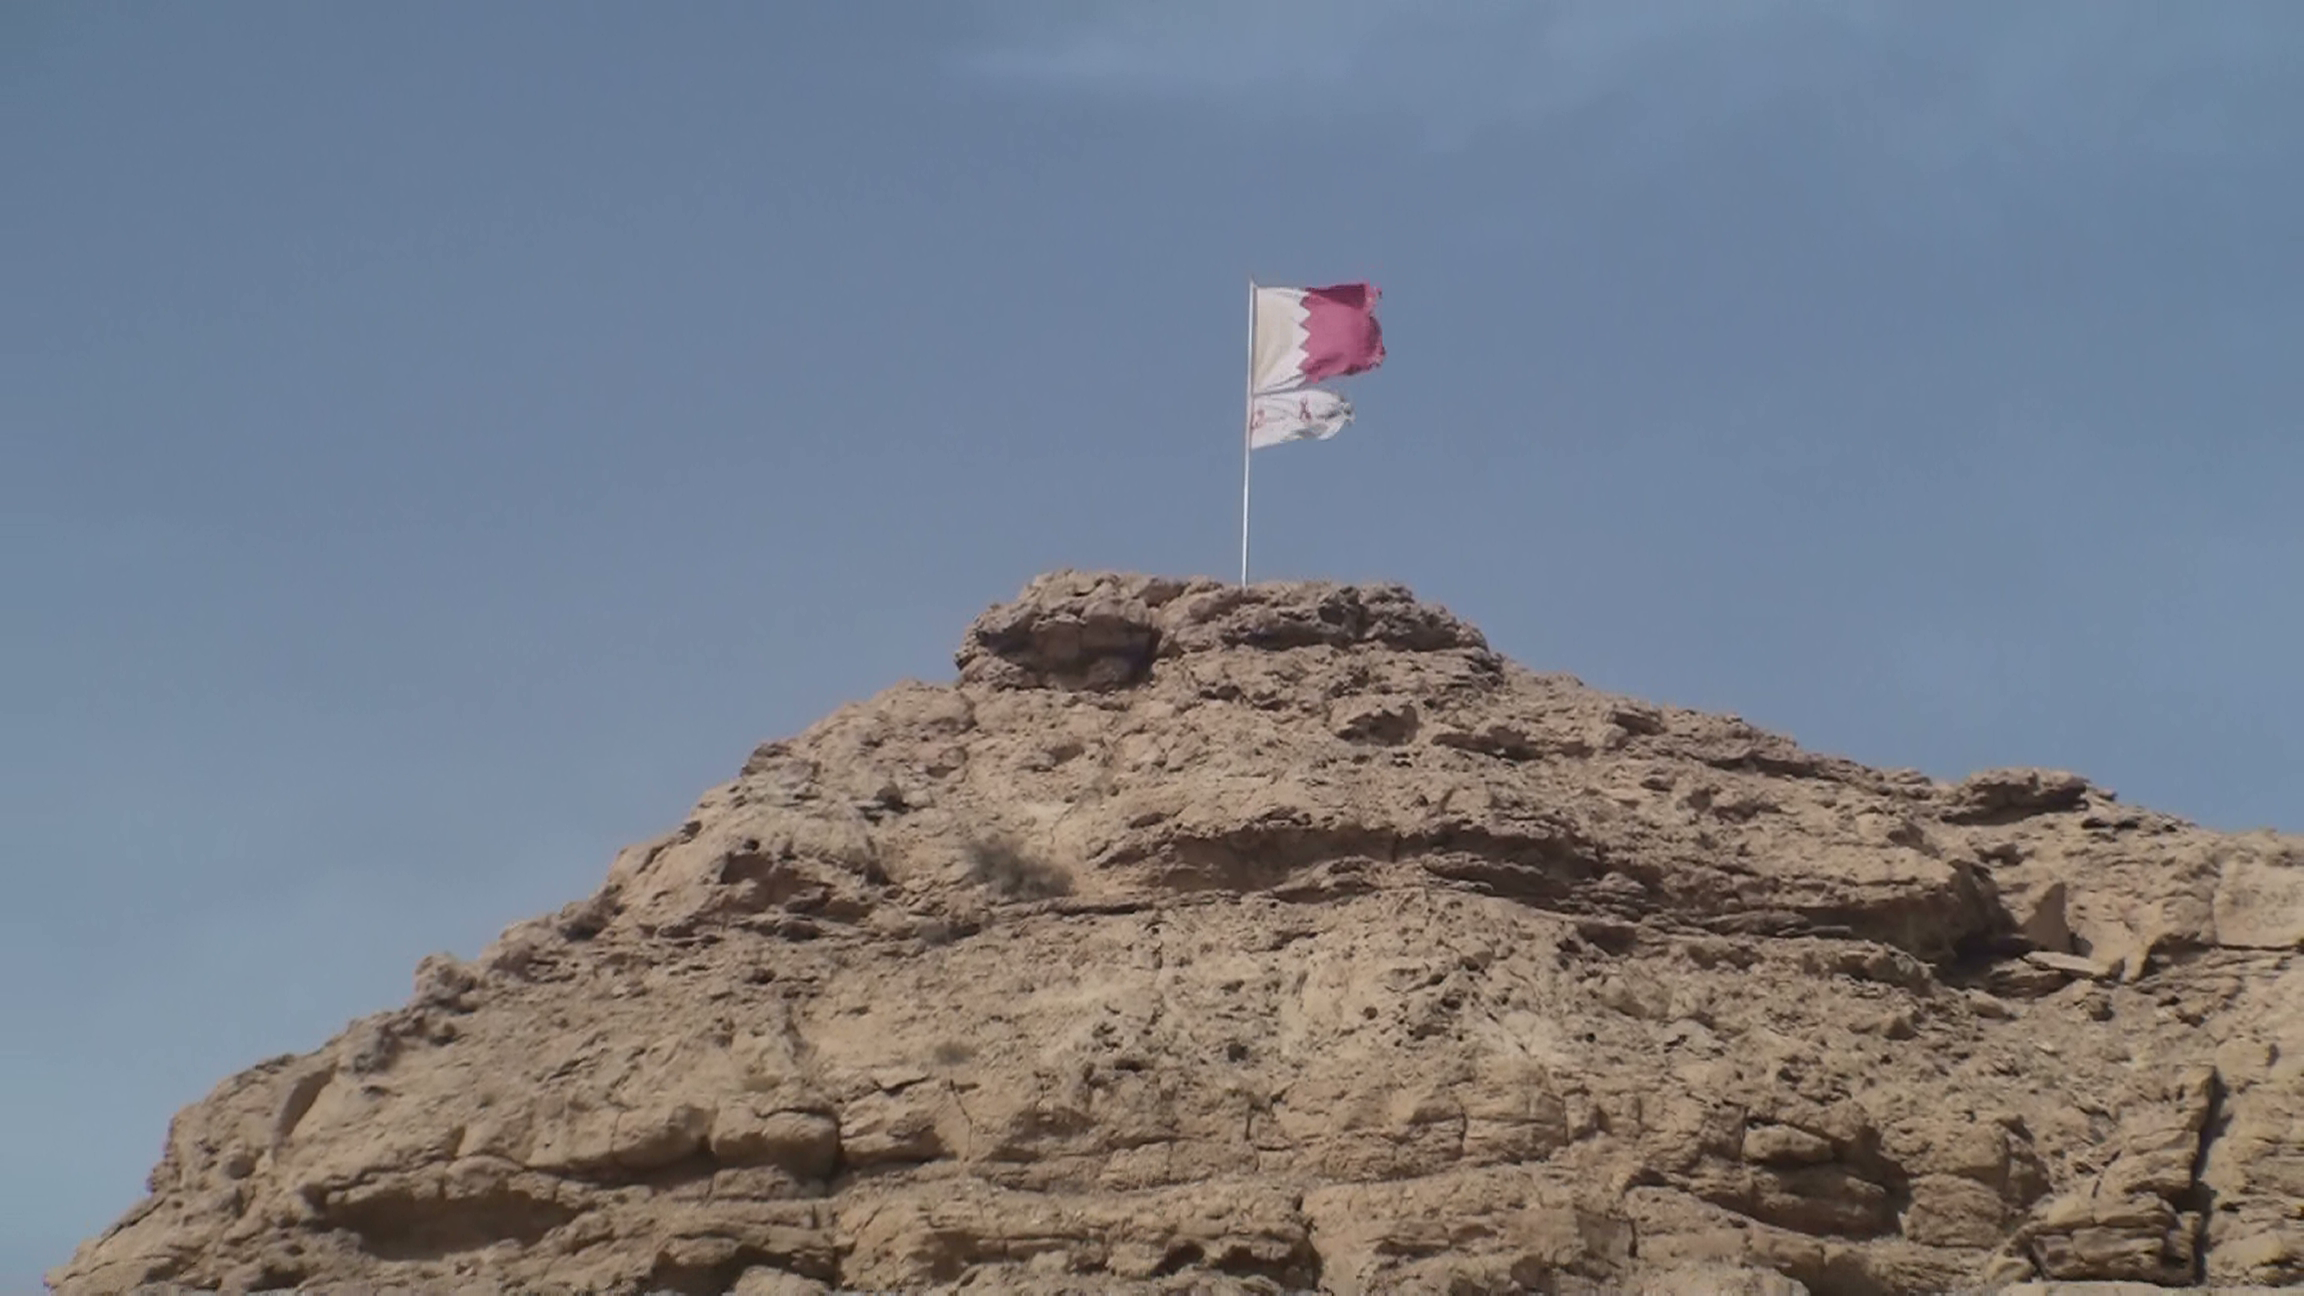 Jabal_ad_Dukhan, Points of Interest in Bahrain